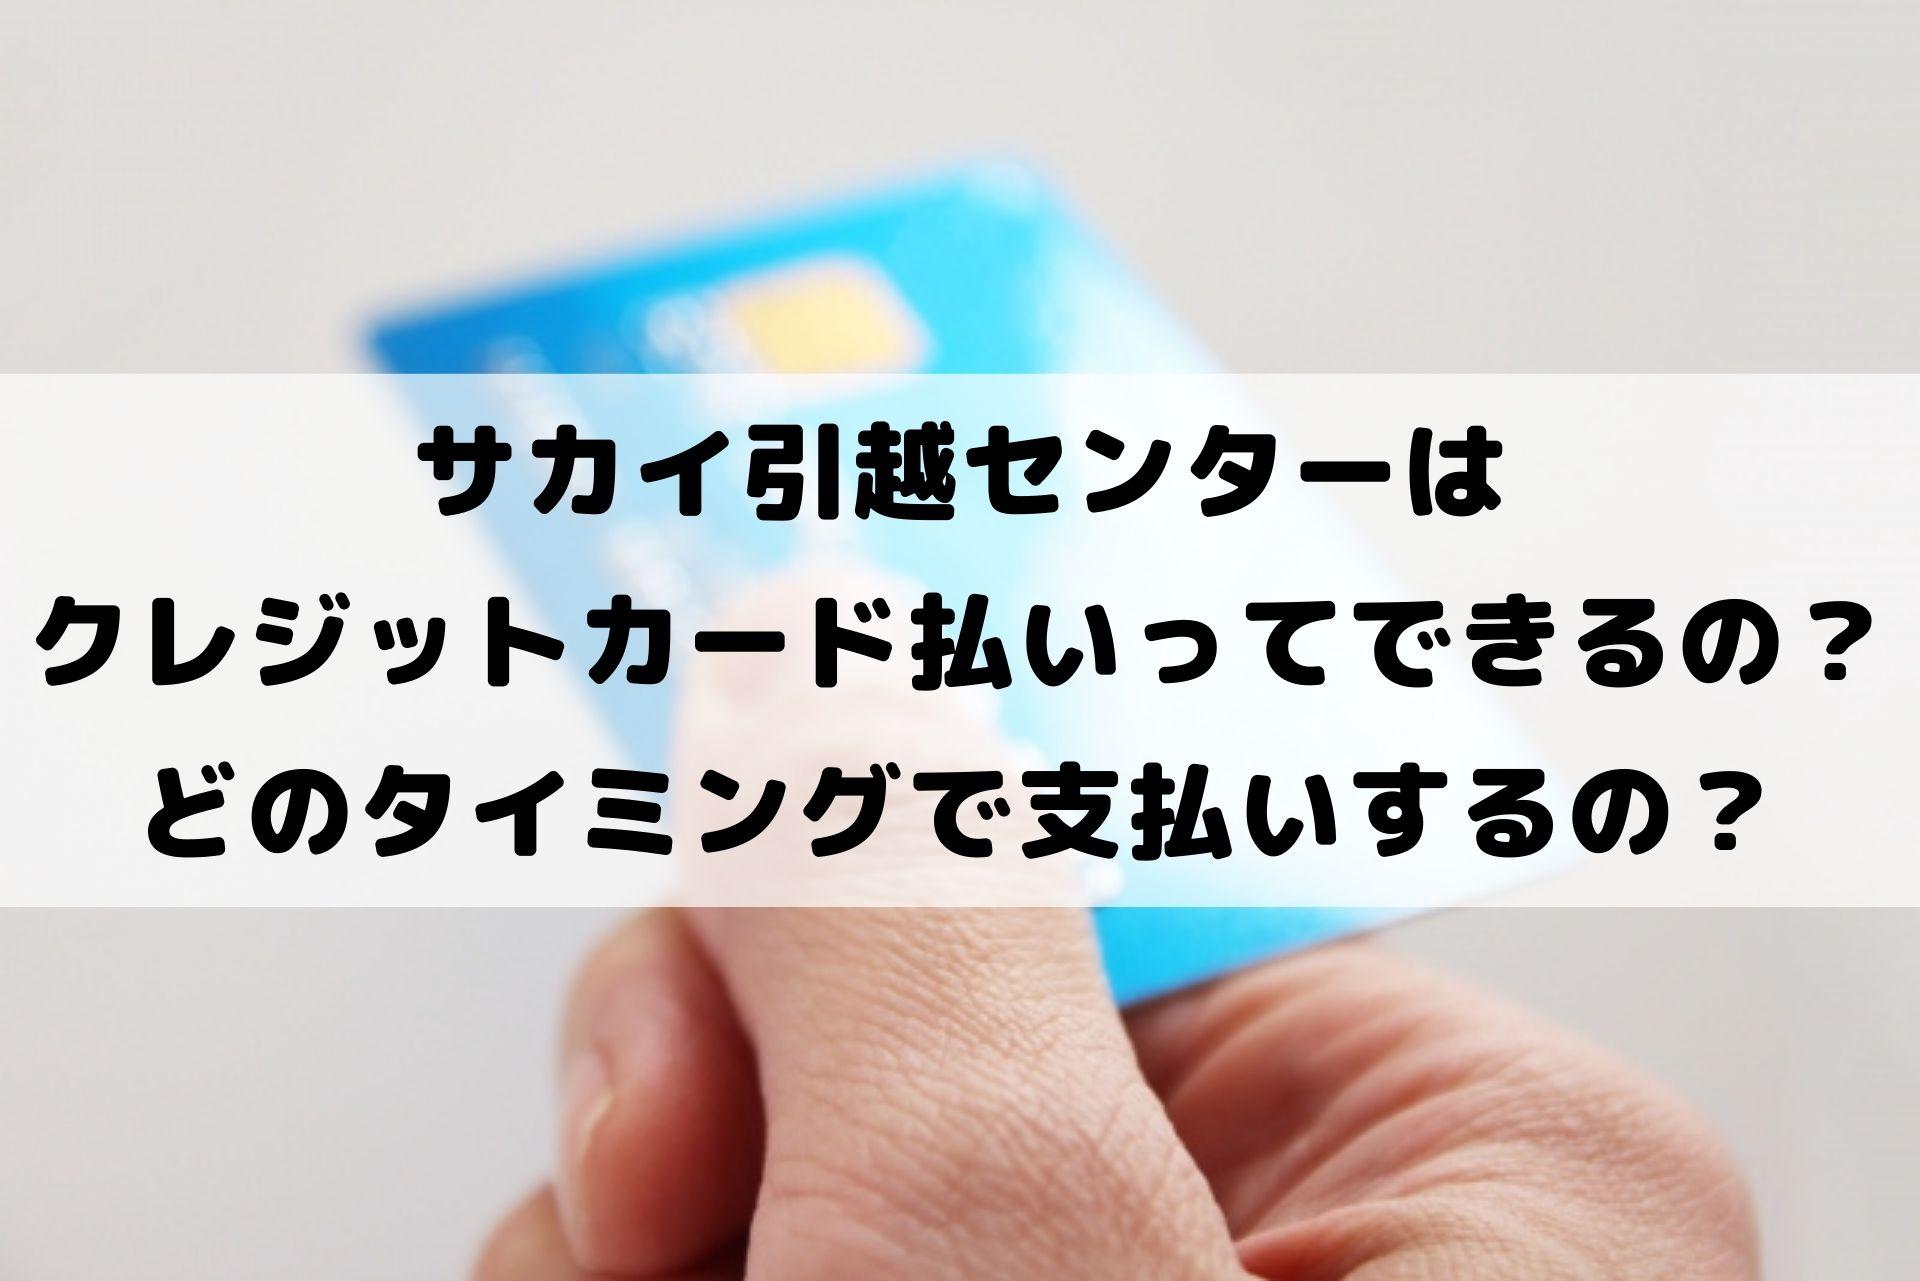 サカイ引越センターは クレジットカード払いってできるの? どのタイミングで支払いするの?